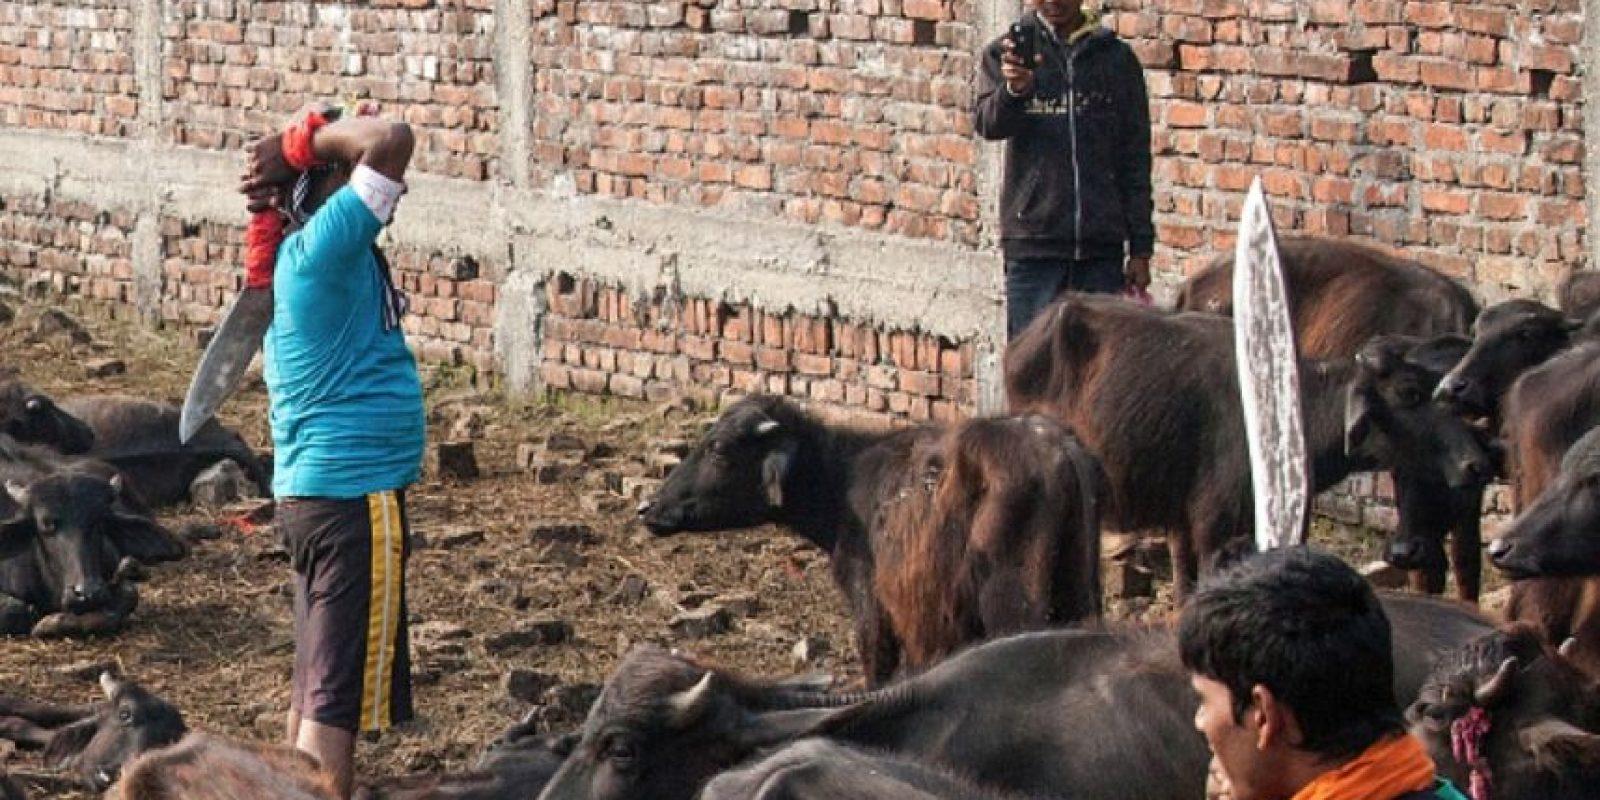 Los asistentes -aproximaDamente 25 mil- provienen de estados fronterizos de la India y llevan a sus animales consigo, caminando con ellos por días. Foto:Getty Images